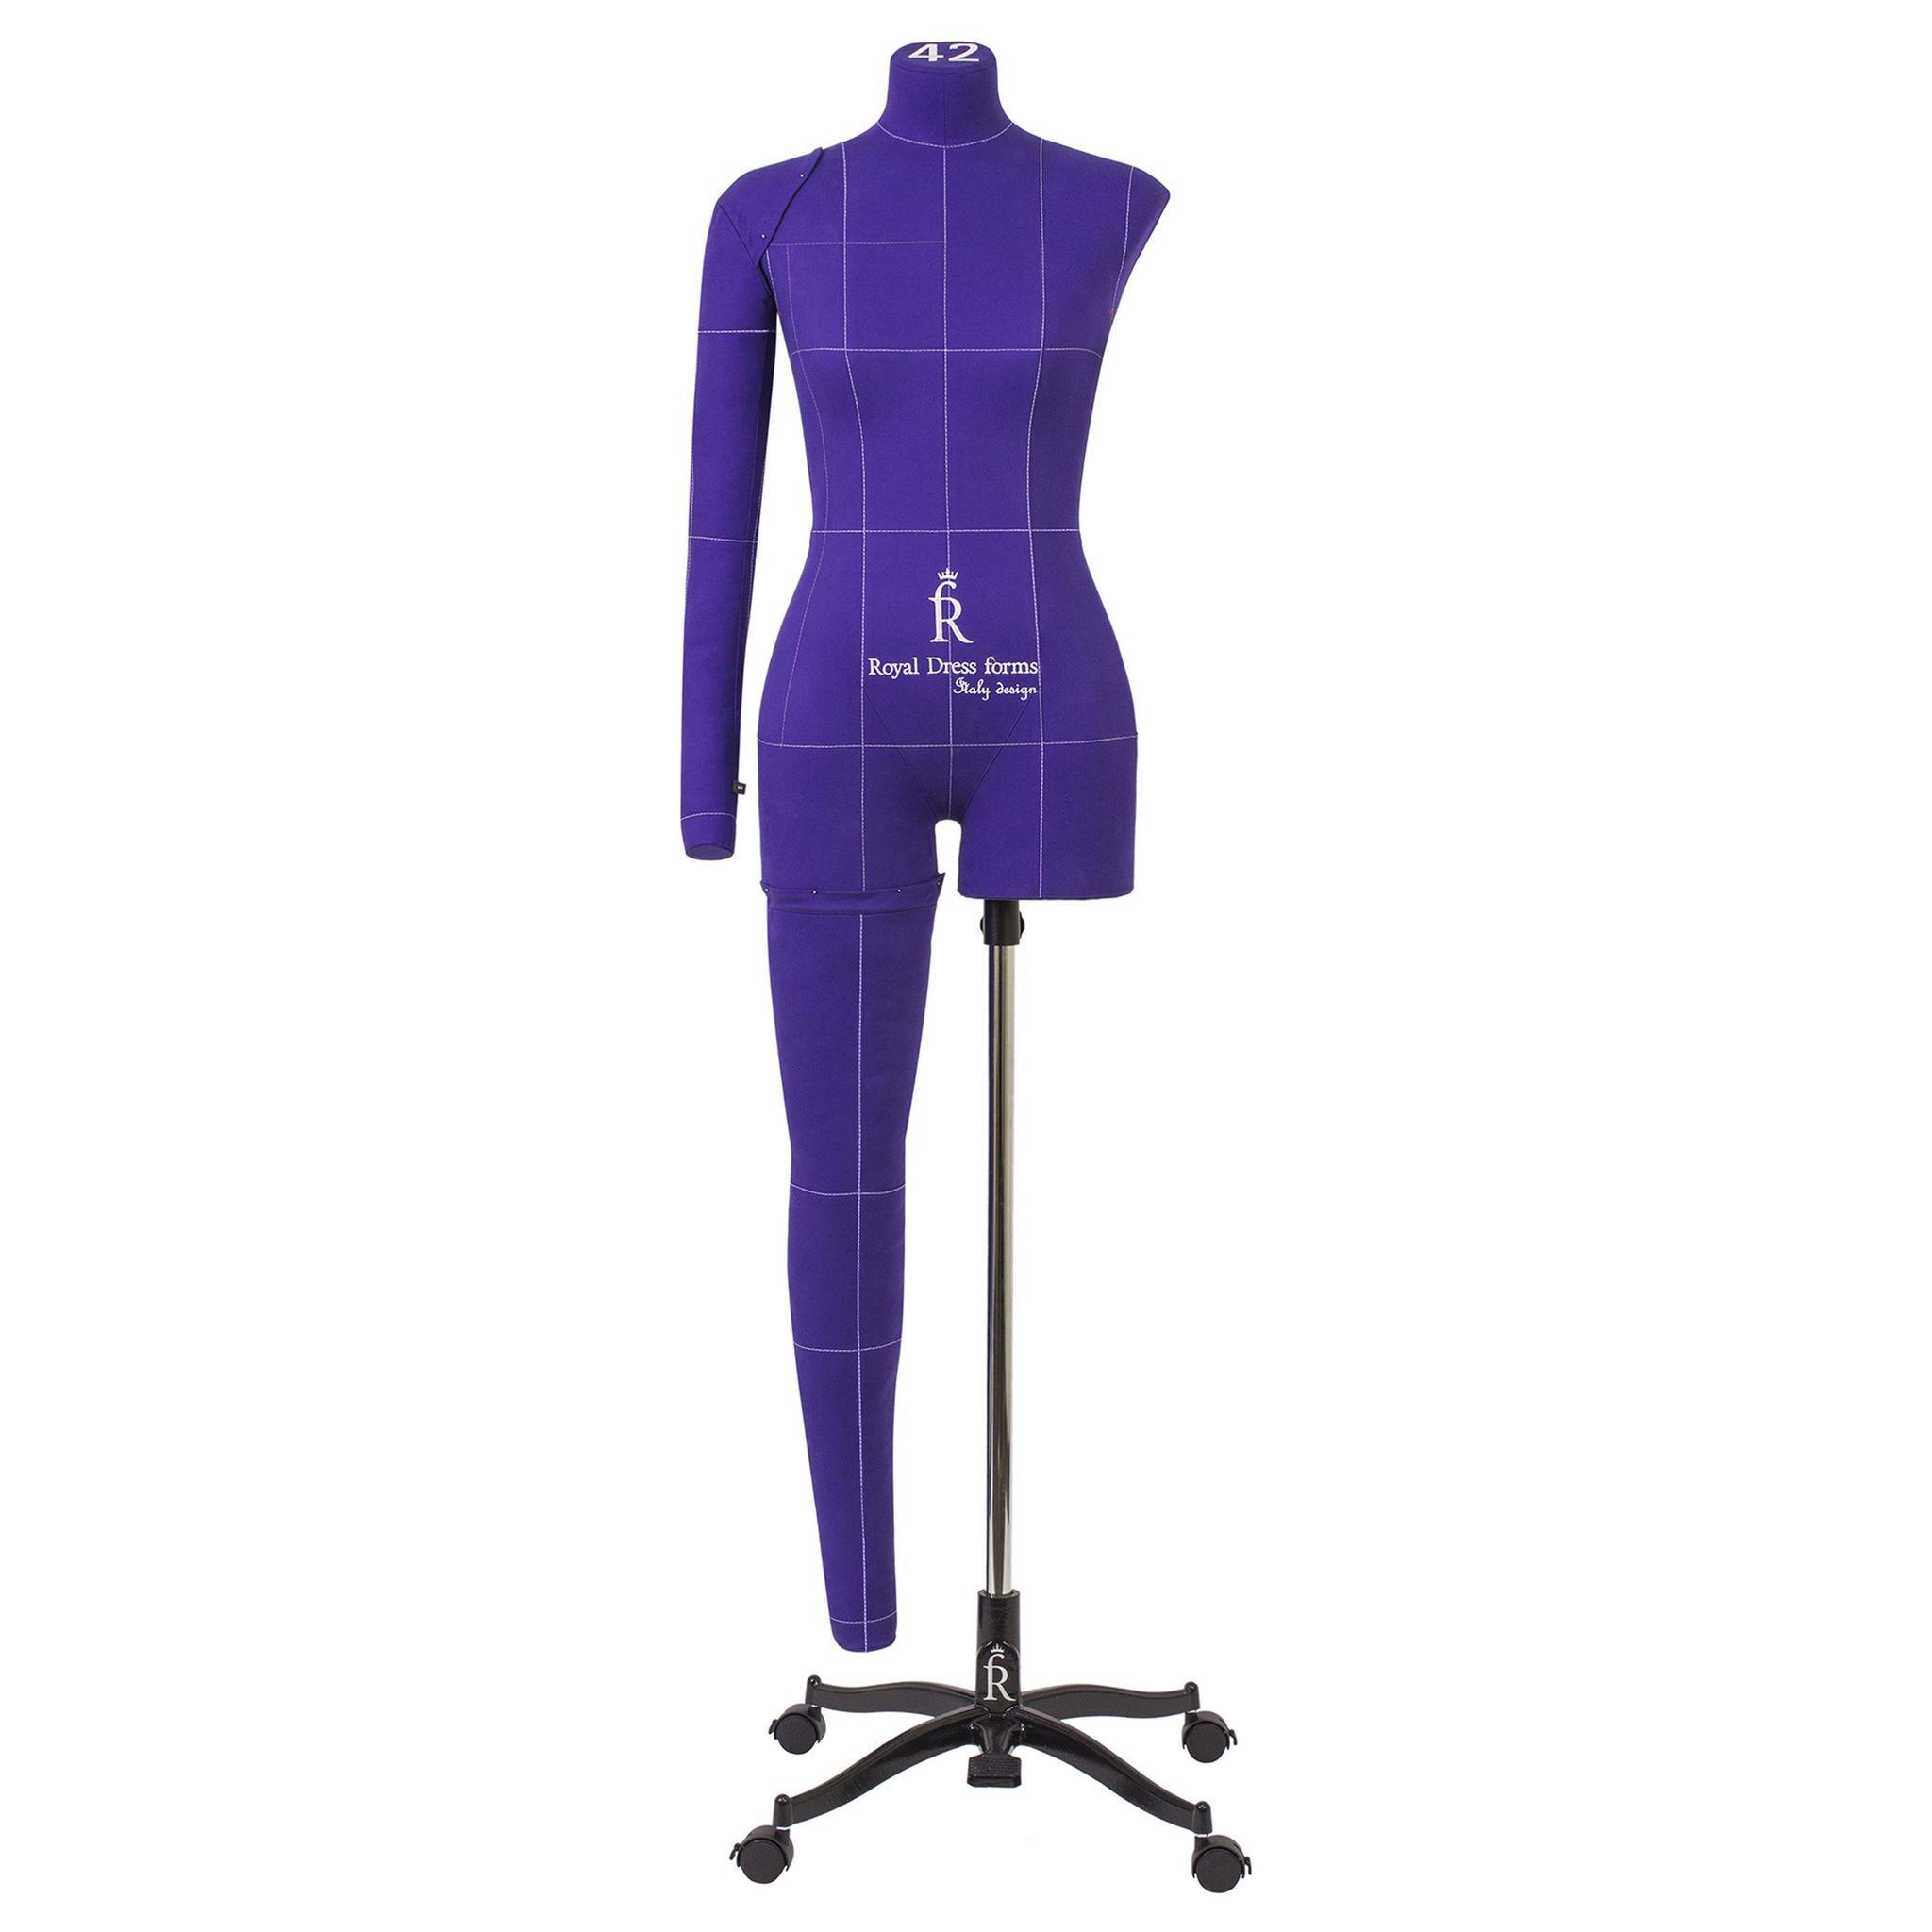 Манекен портновский Моника Арт, фиолетовый, 42 размер